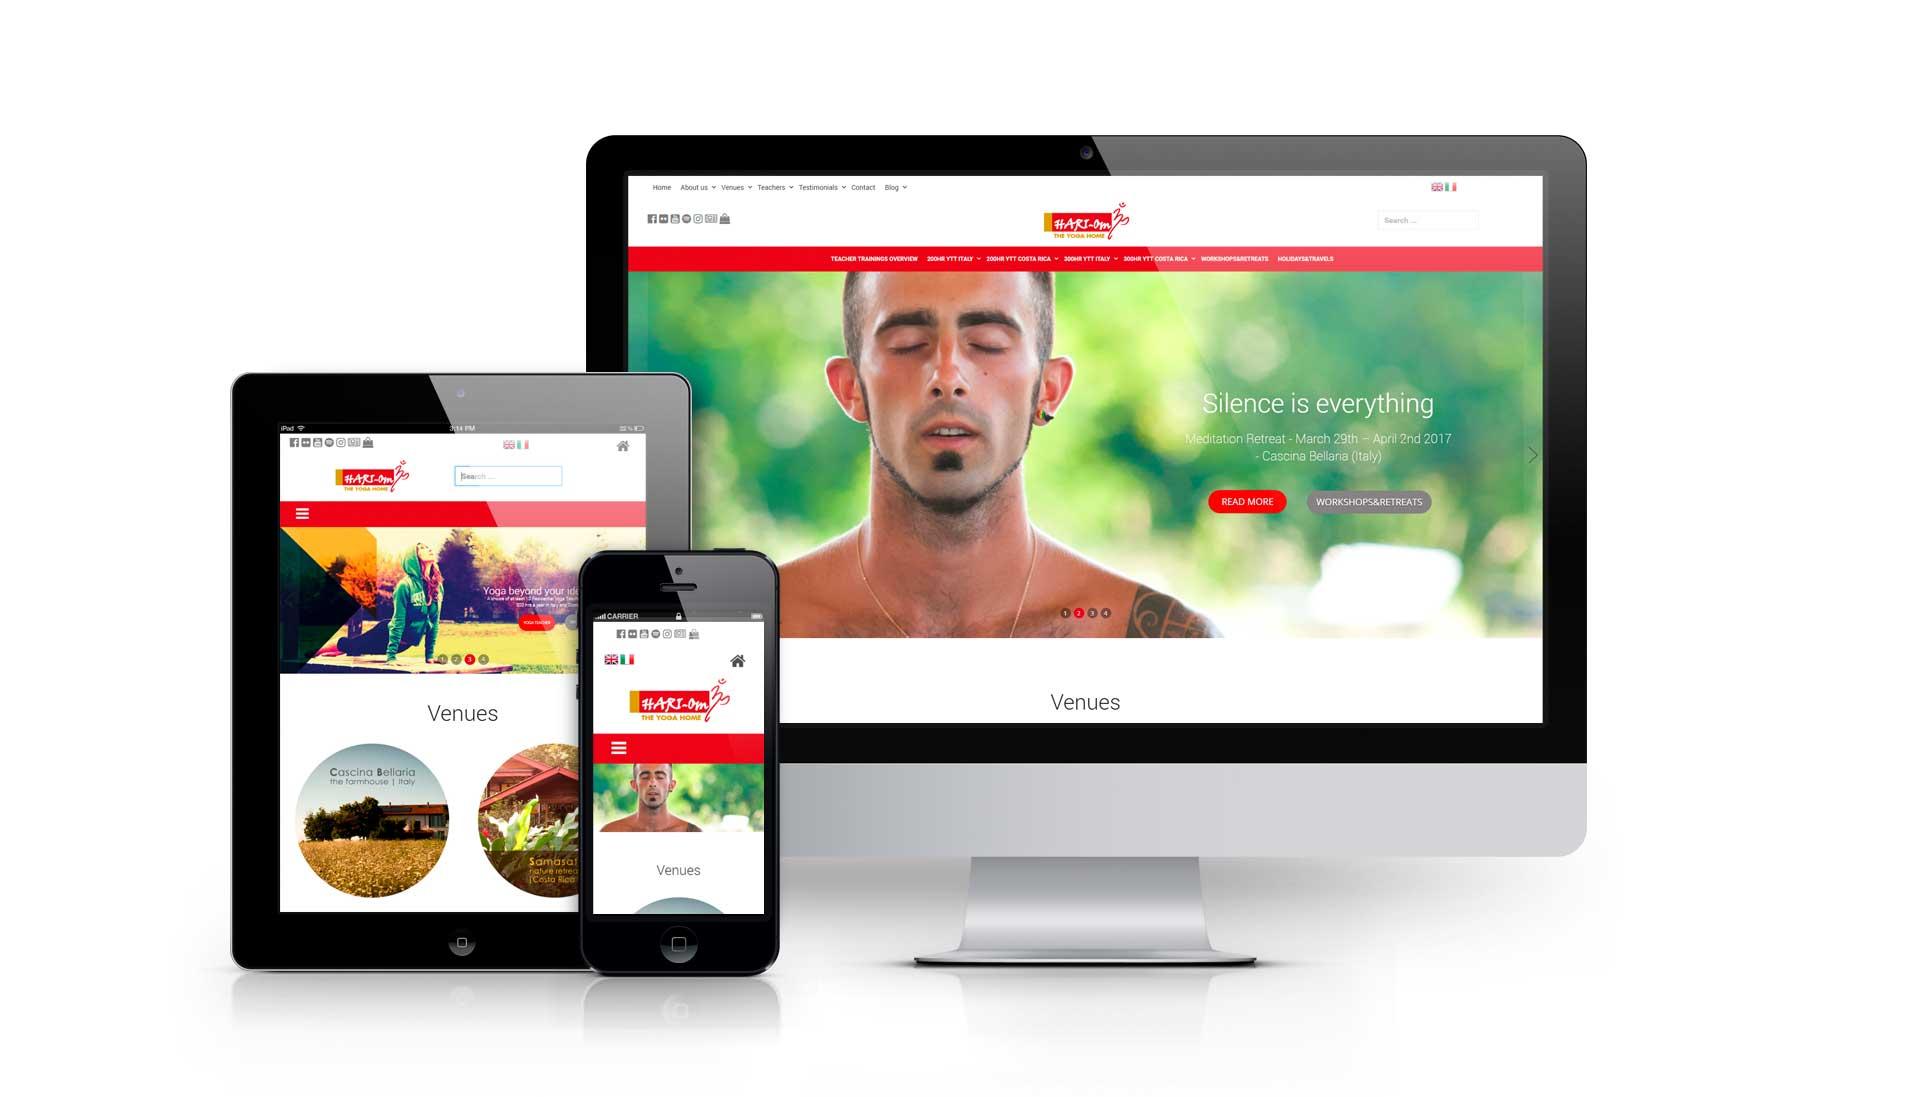 Sviluppo sito web hariomyogaschool.com